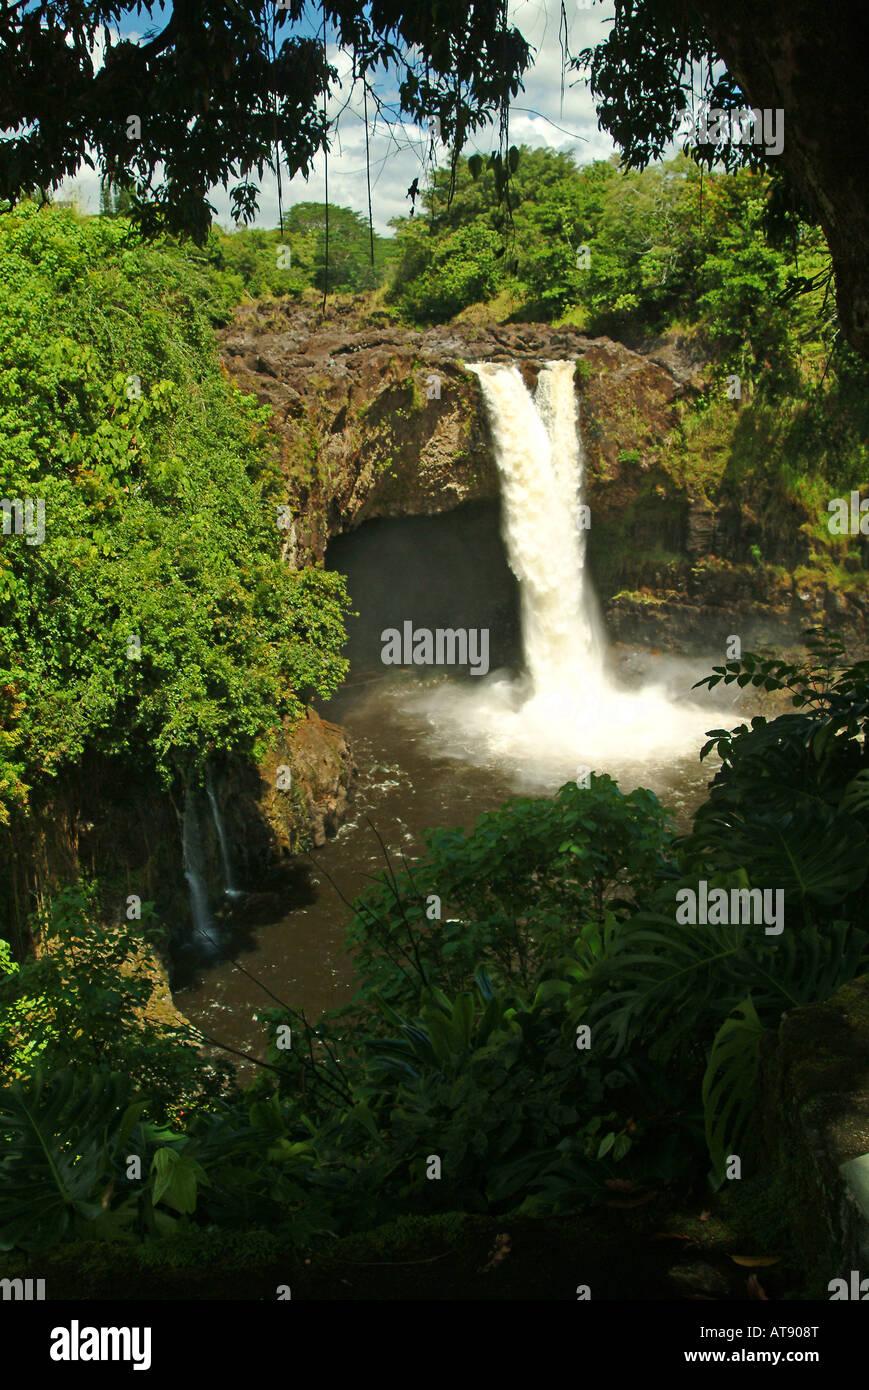 Aunuenue falls, communément connu sous le nom de Rainbow Falls, près de Hilo sur la grande île d'Hawaï Banque D'Images